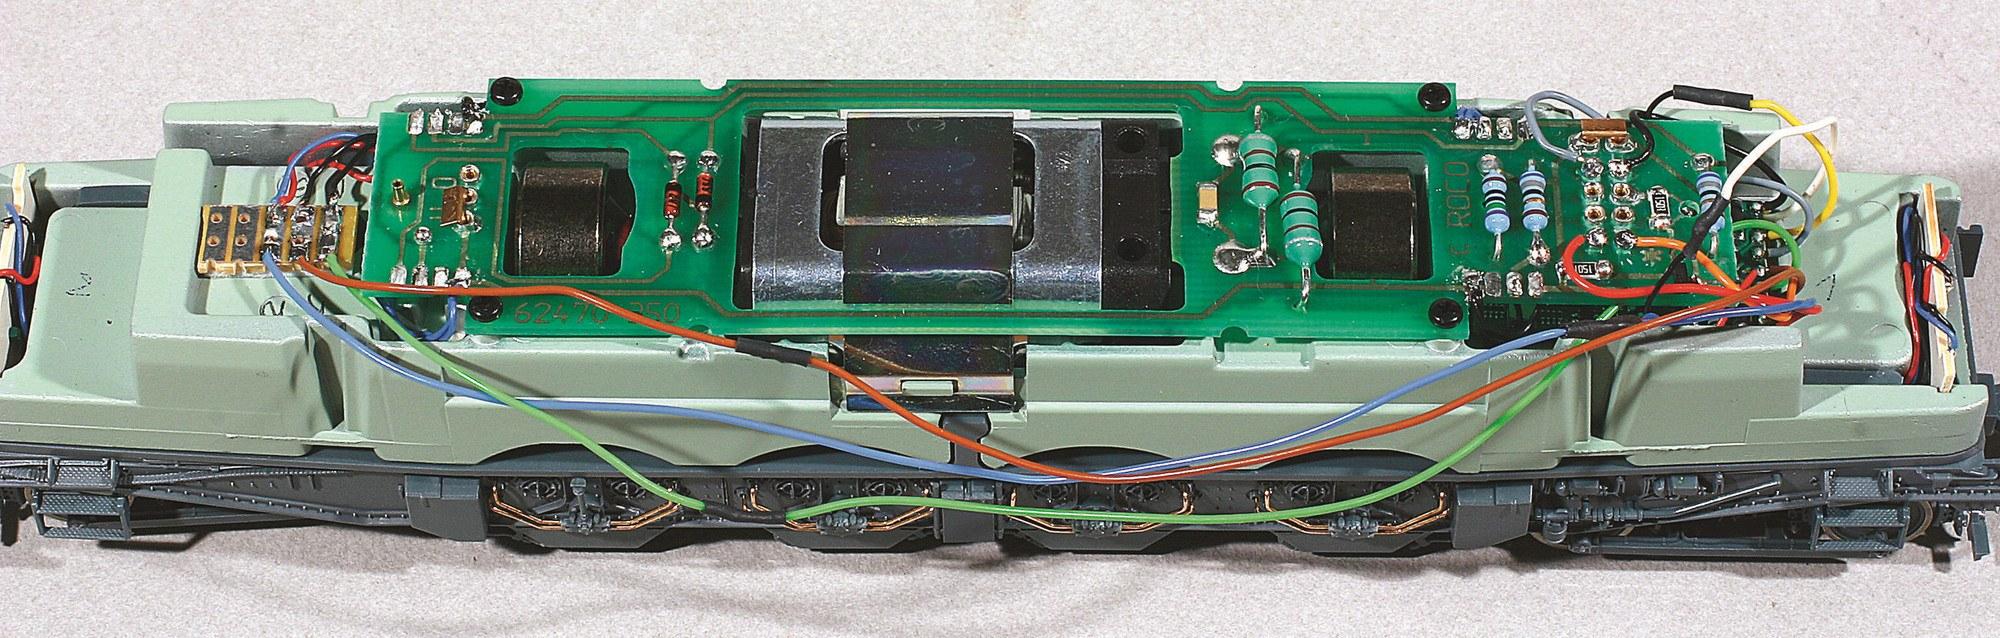 3-Décodeur monté, raccordement des feux sur circuit imprimé relais (à gauche sur la photo).